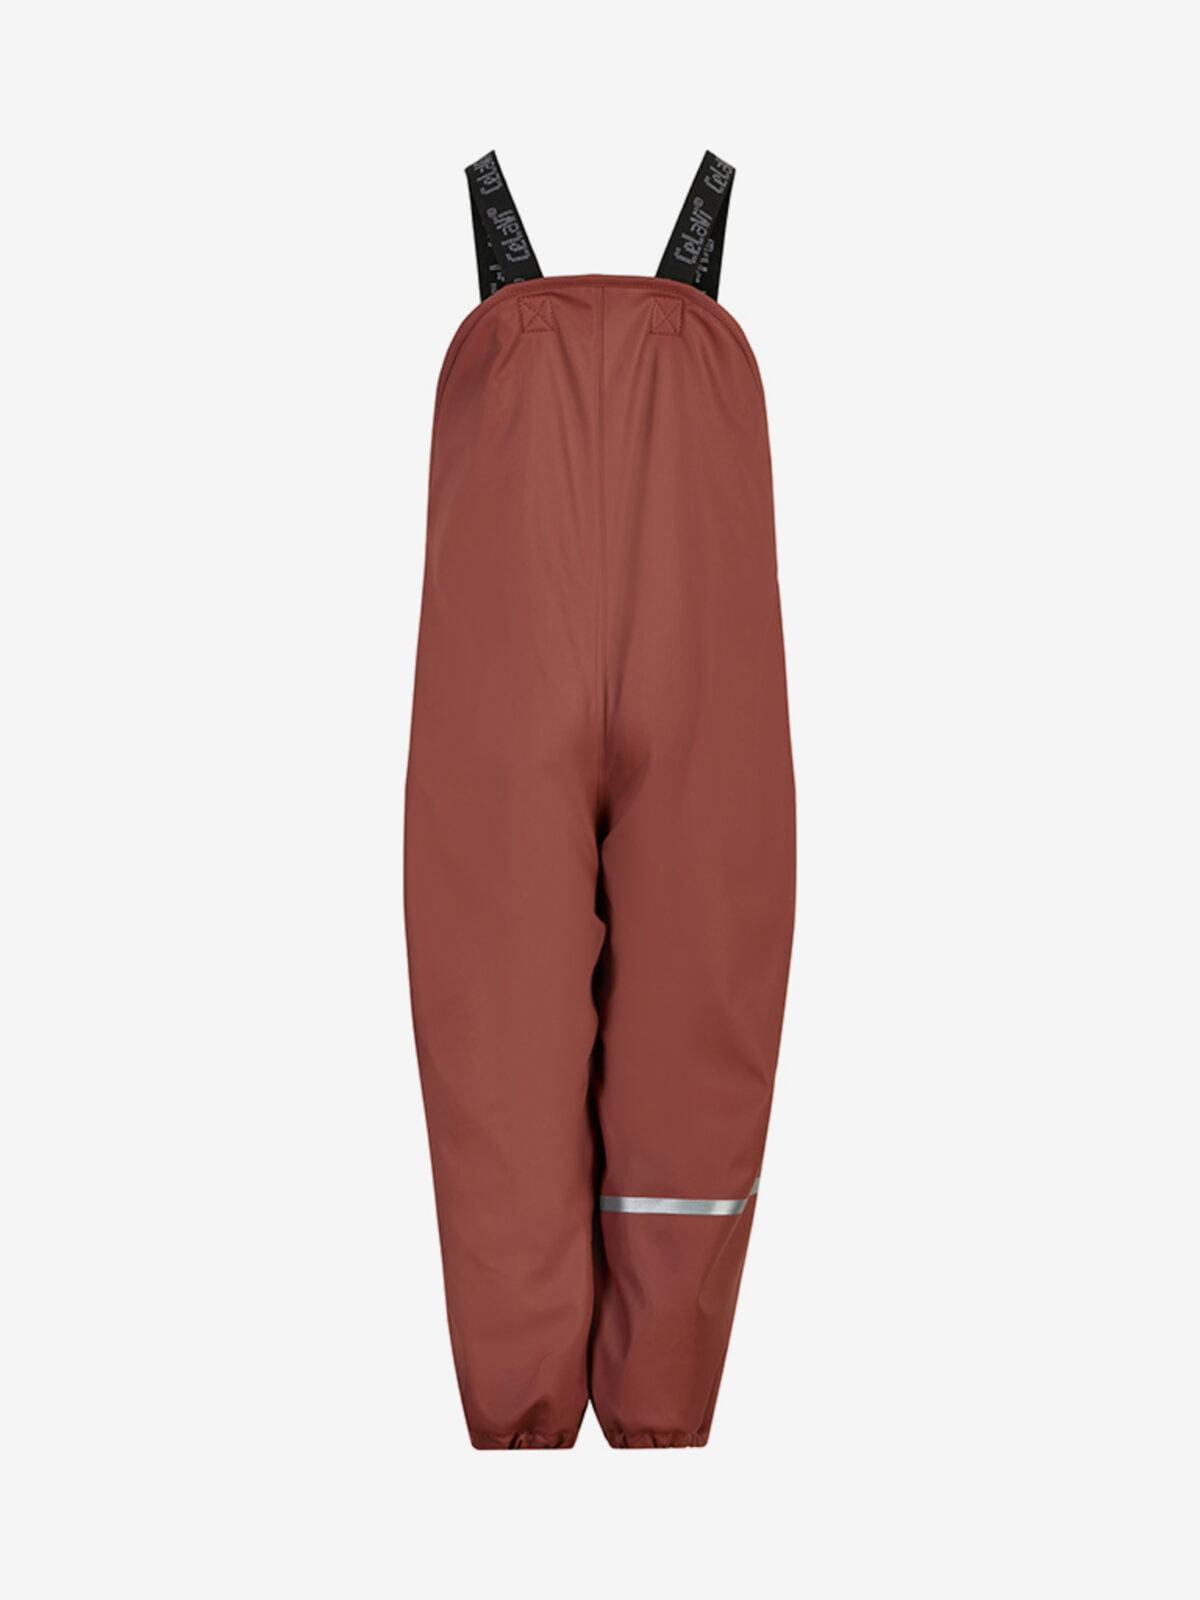 Pantaloni de ploaie și vânt căptușiți integral cu fleece mahogany CeLaVi 1Pantaloni de ploaie și vânt căptușiți integral cu fleece mahogany CeLaVi 1